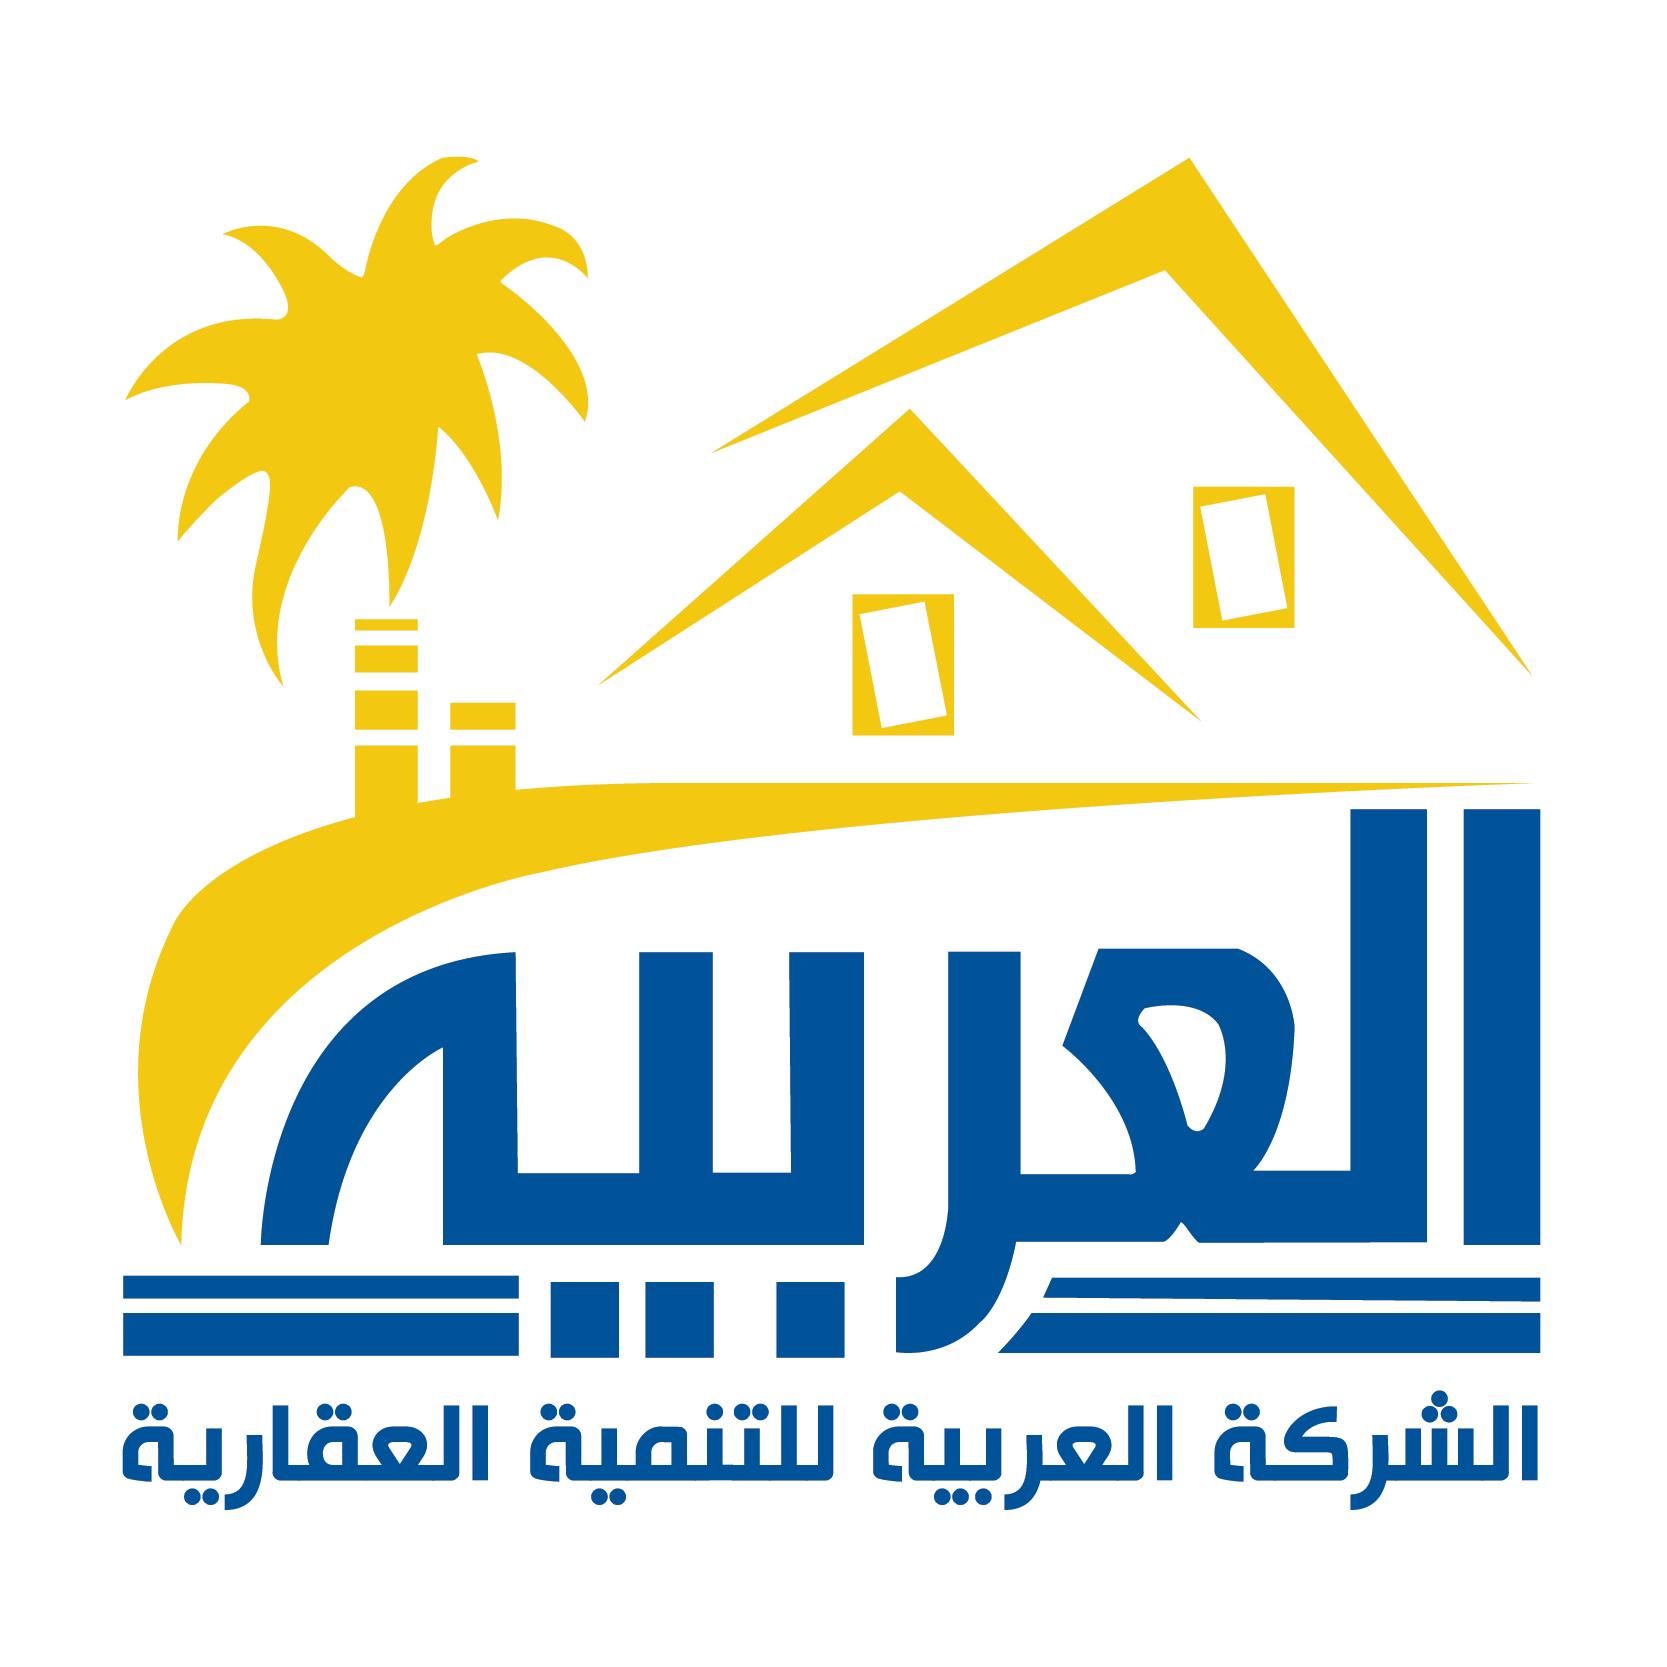 لوجو الشركة العربية للتنمية العقارية